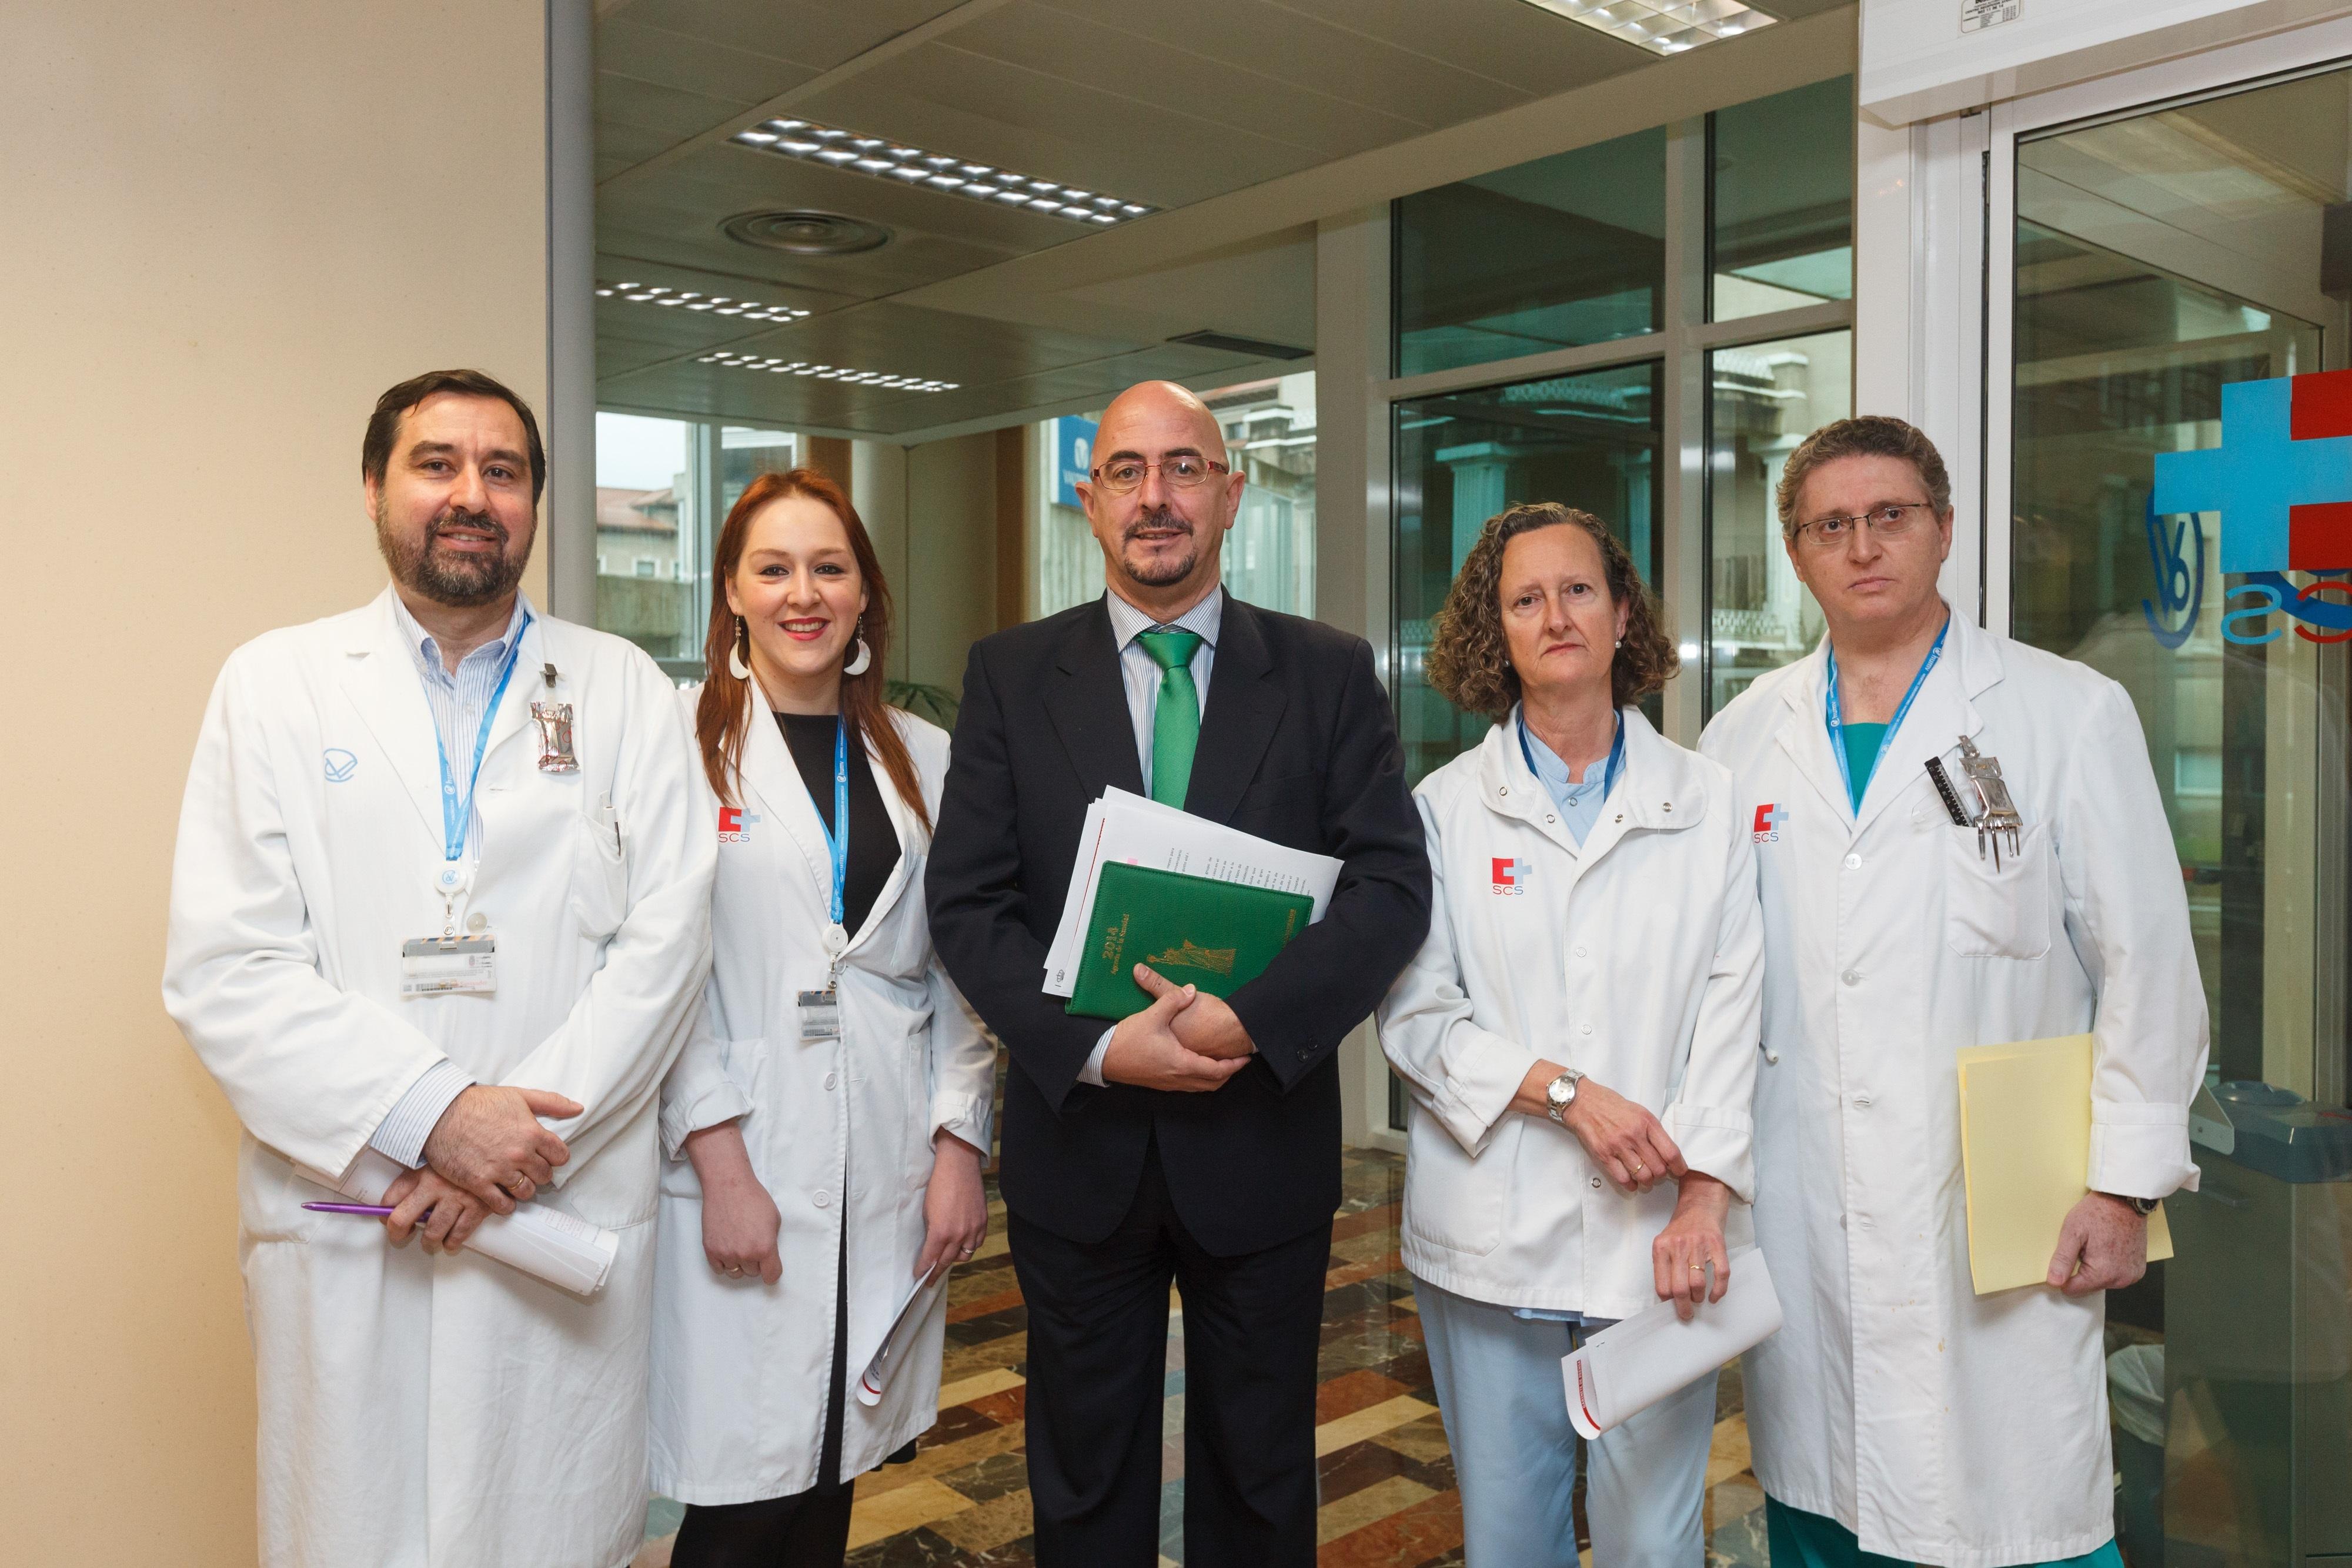 El Hospital Valdecilla, pionero en aplicar una técnica contra el cáncer de mama menos tóxica que la radioterapia